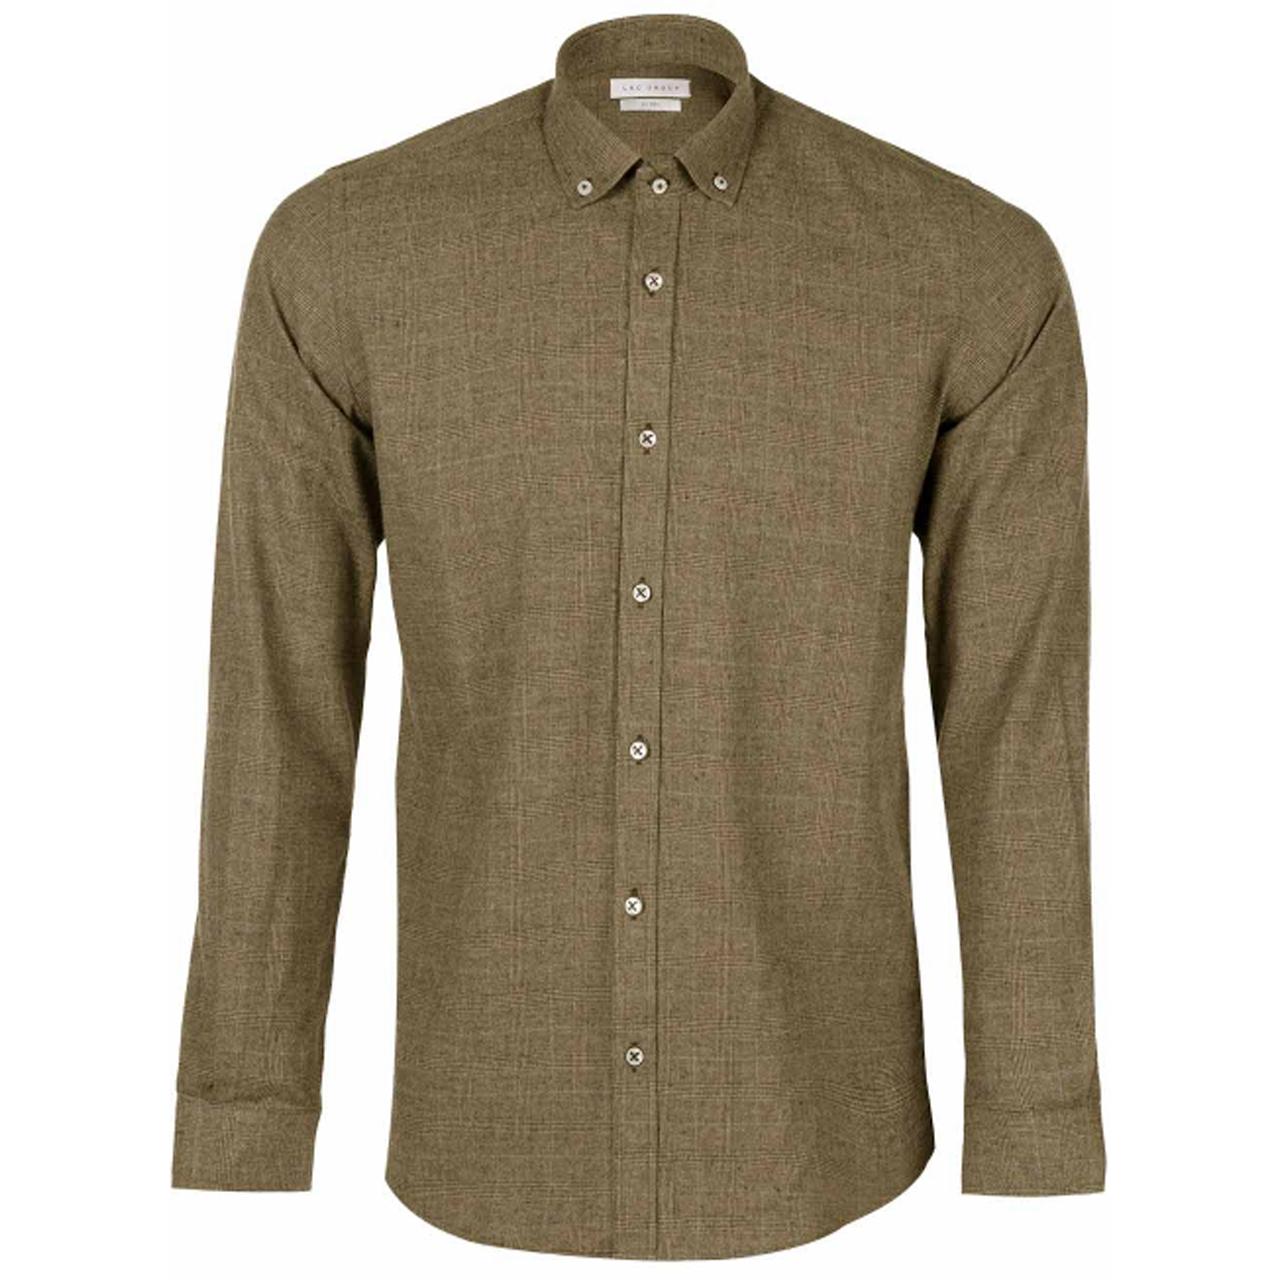 پیراهن آستین بلند مردانه ال آر سی مدل TK90377